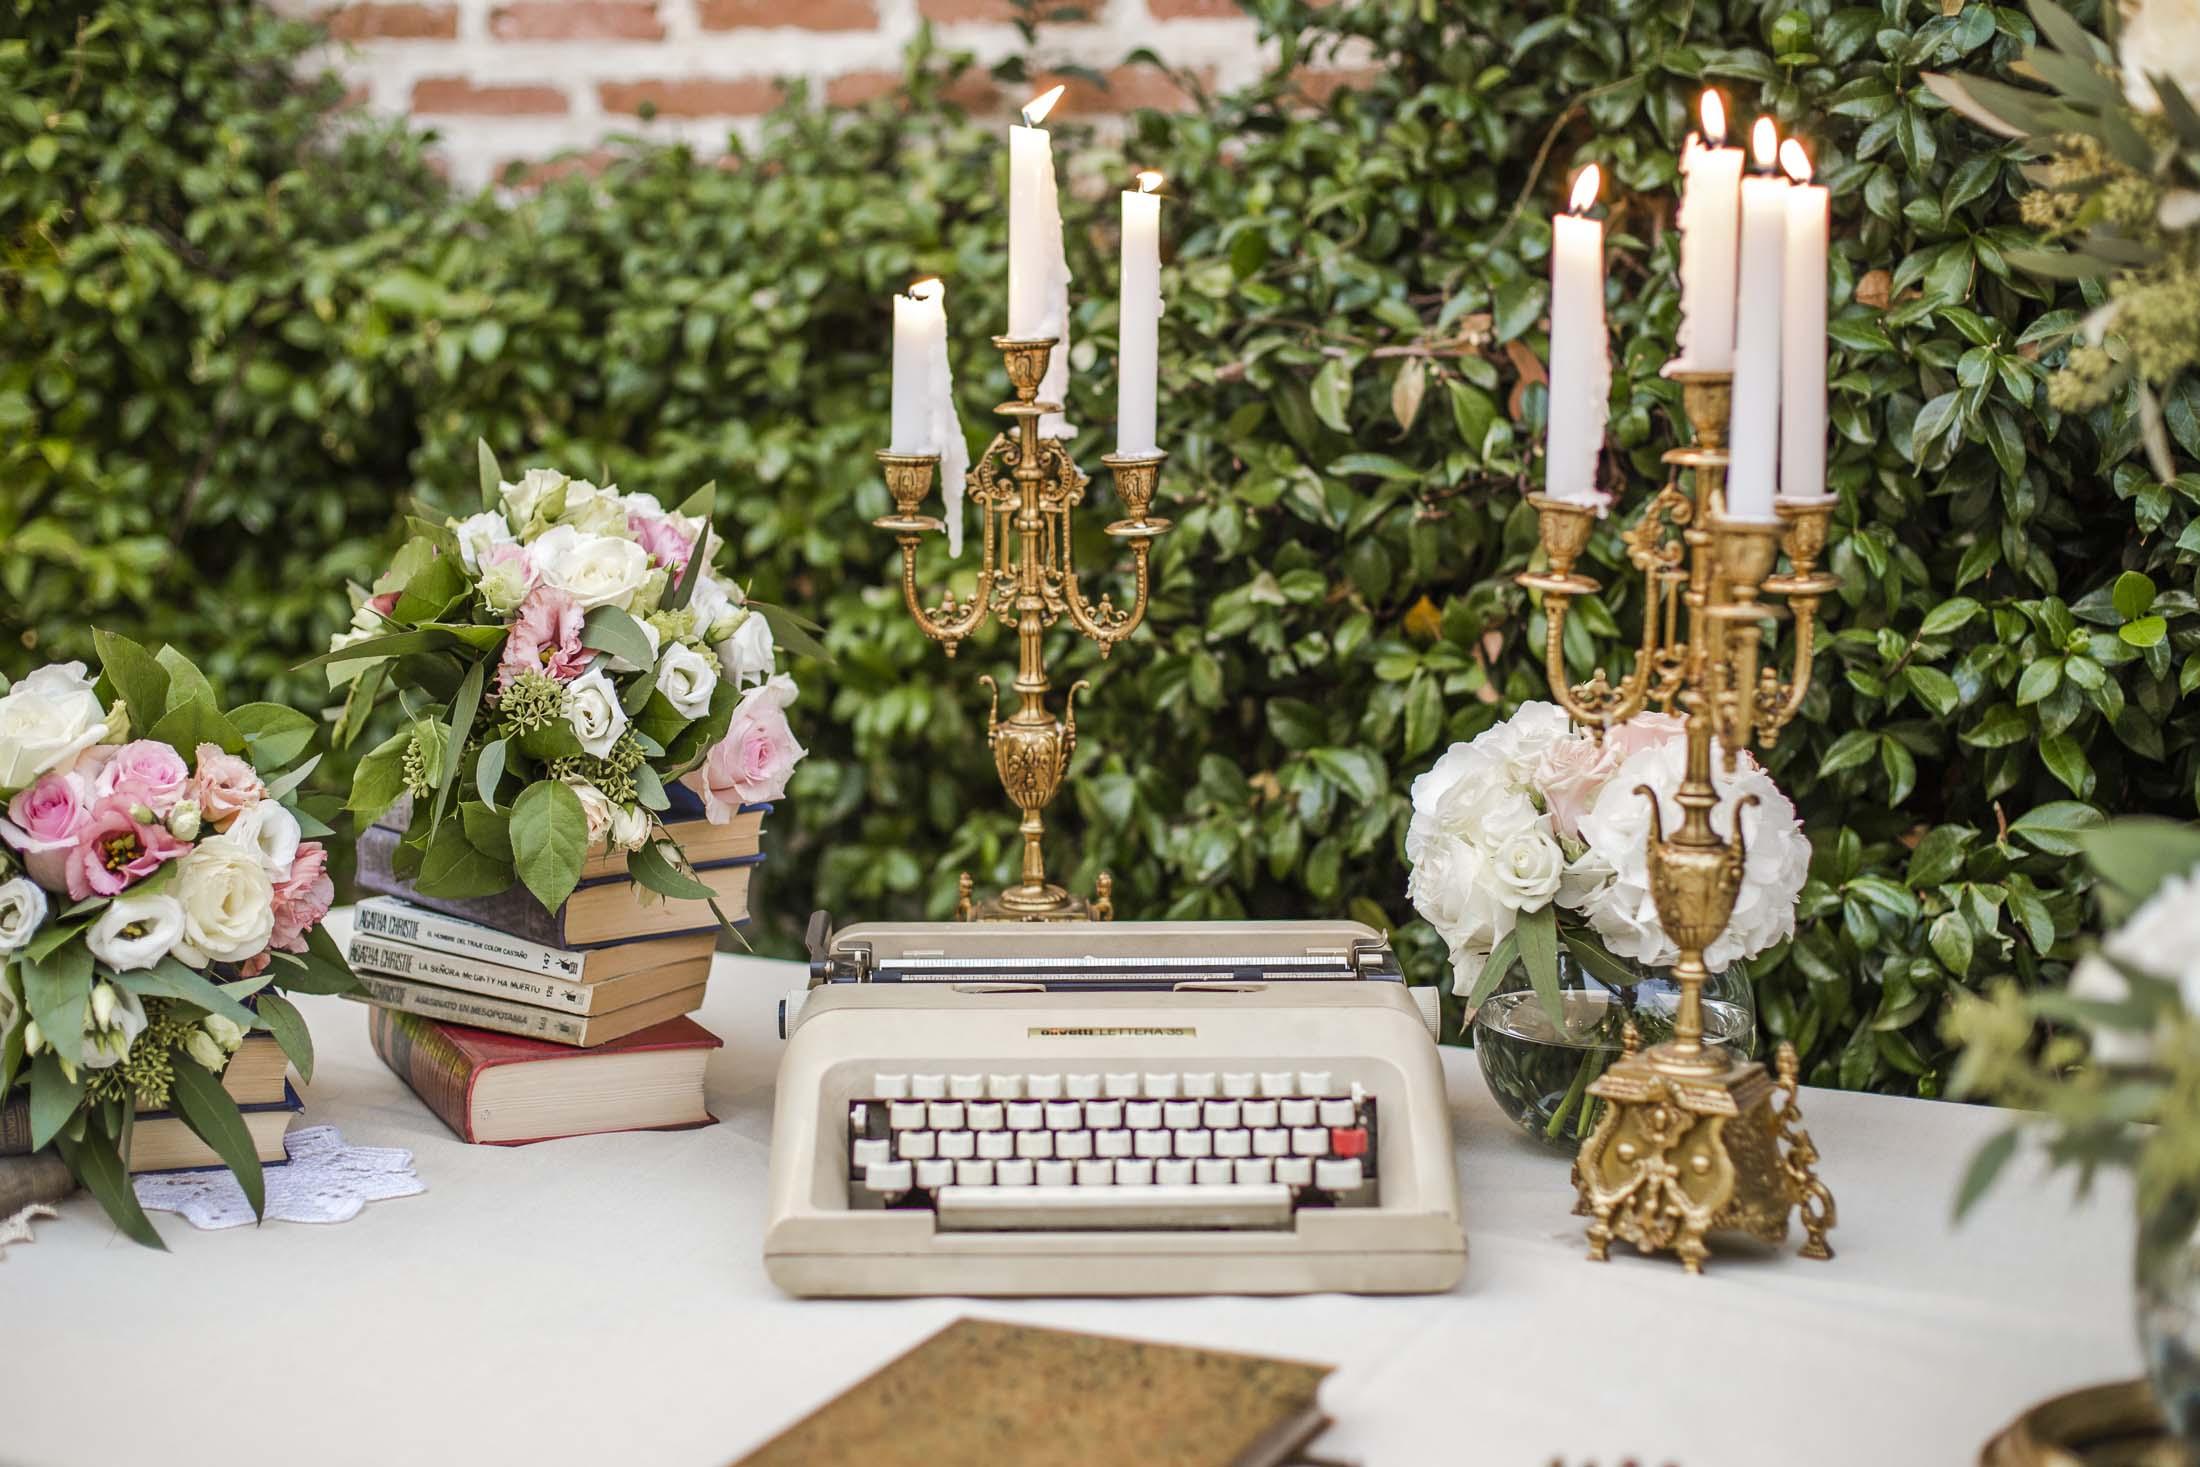 decoración boda candelabros vintage dorados